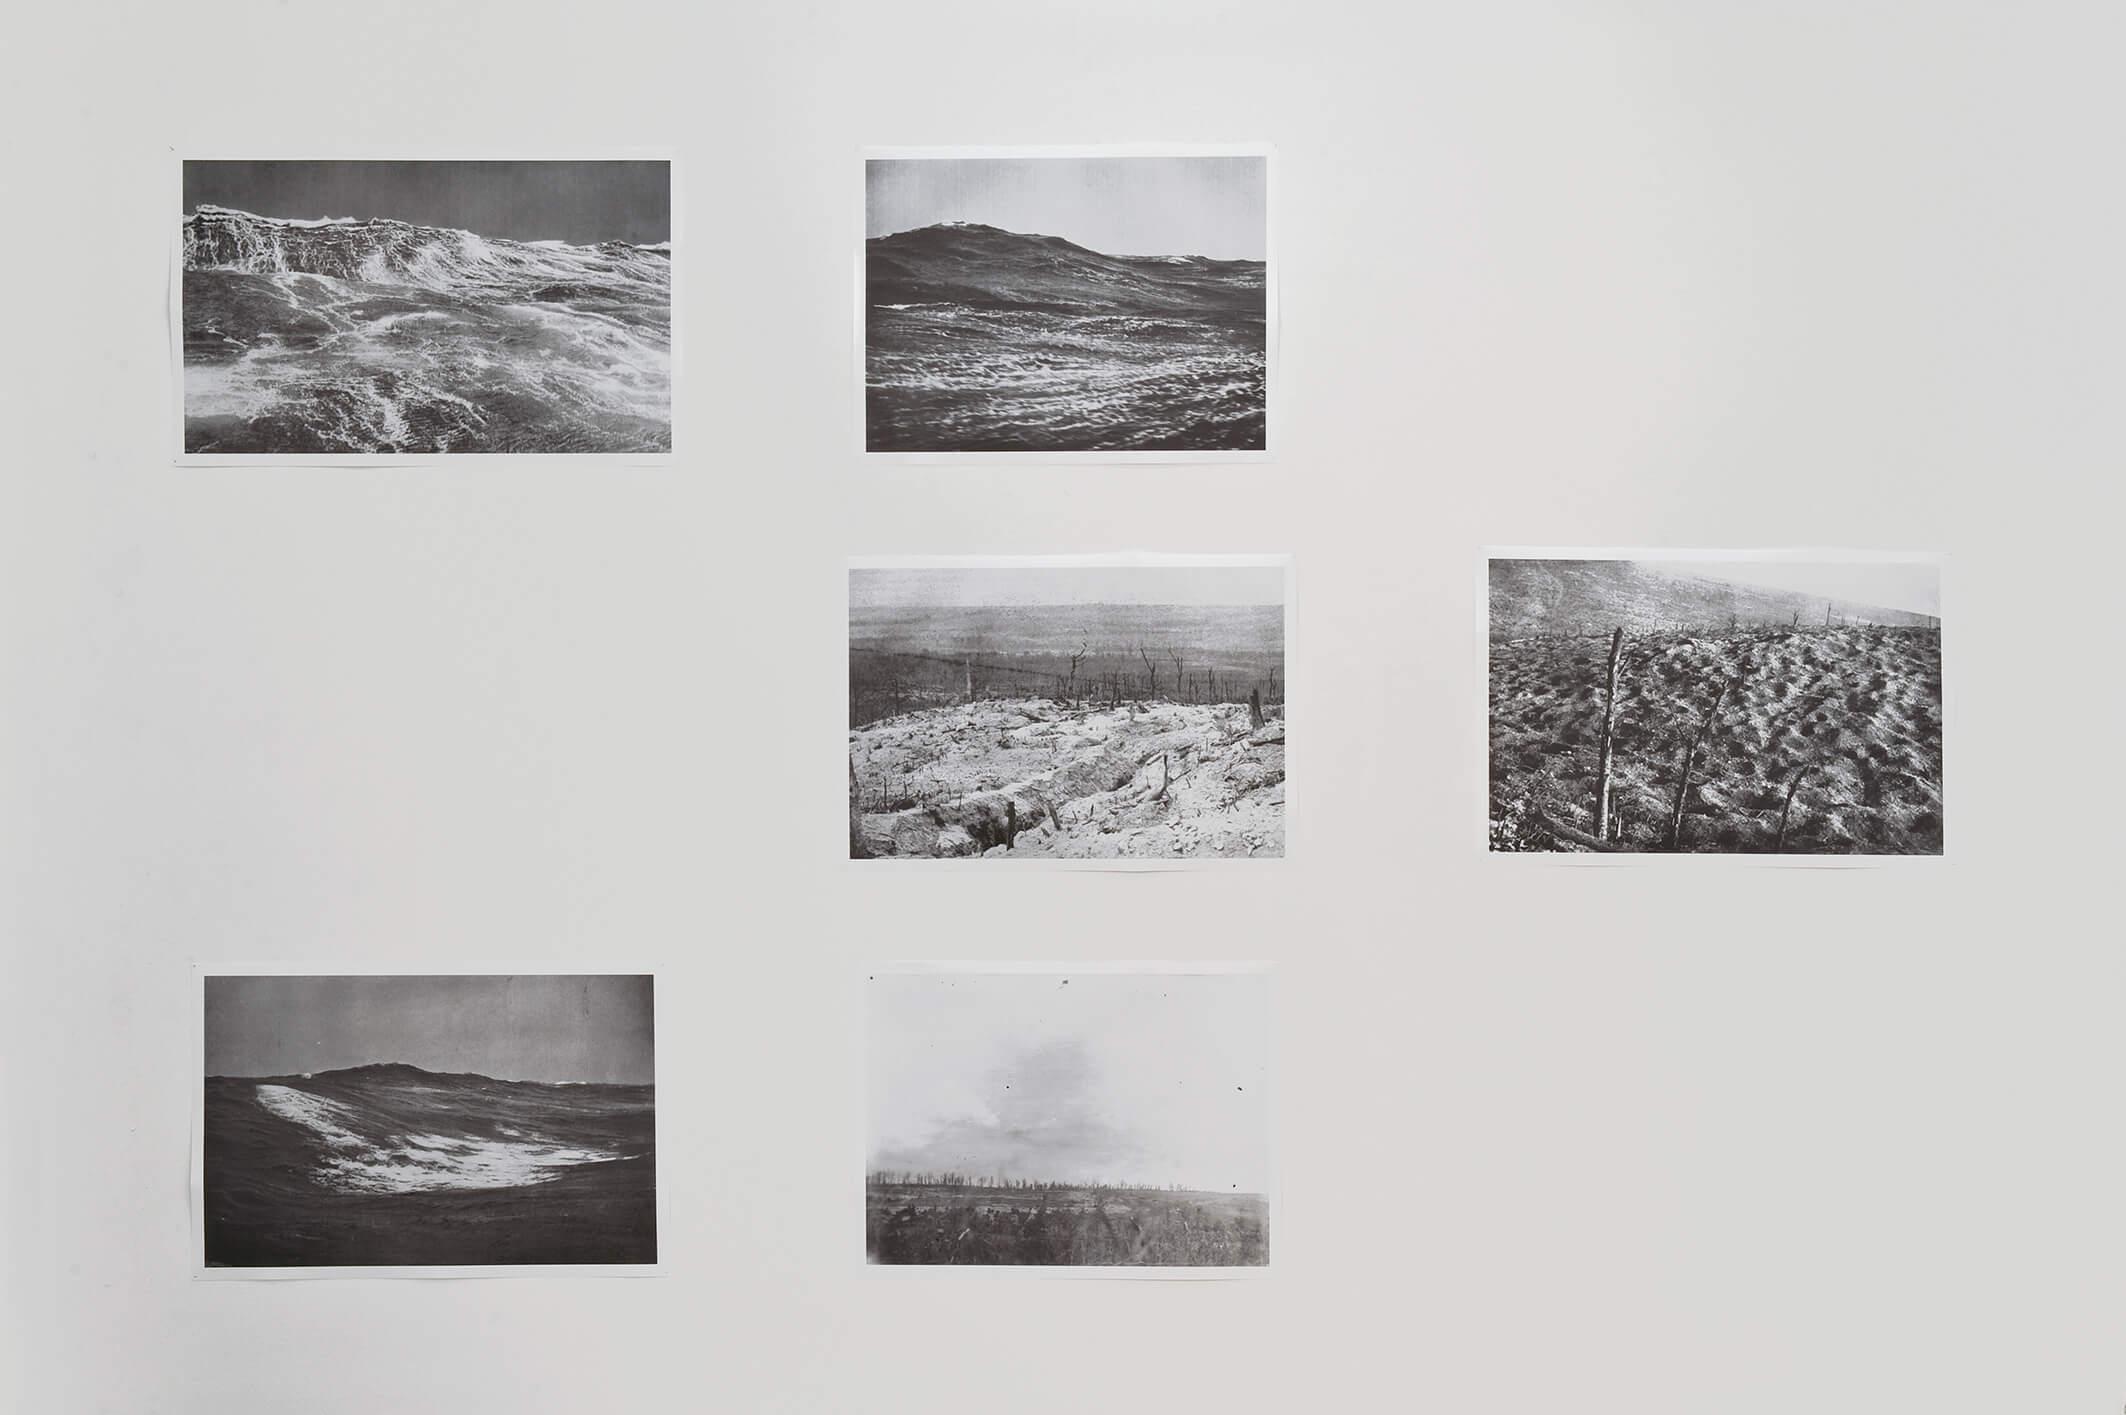 Immer Noch Sturm (StillStorming), 2011(Group #1) | Immer Noch Sturm | ProjecteSD